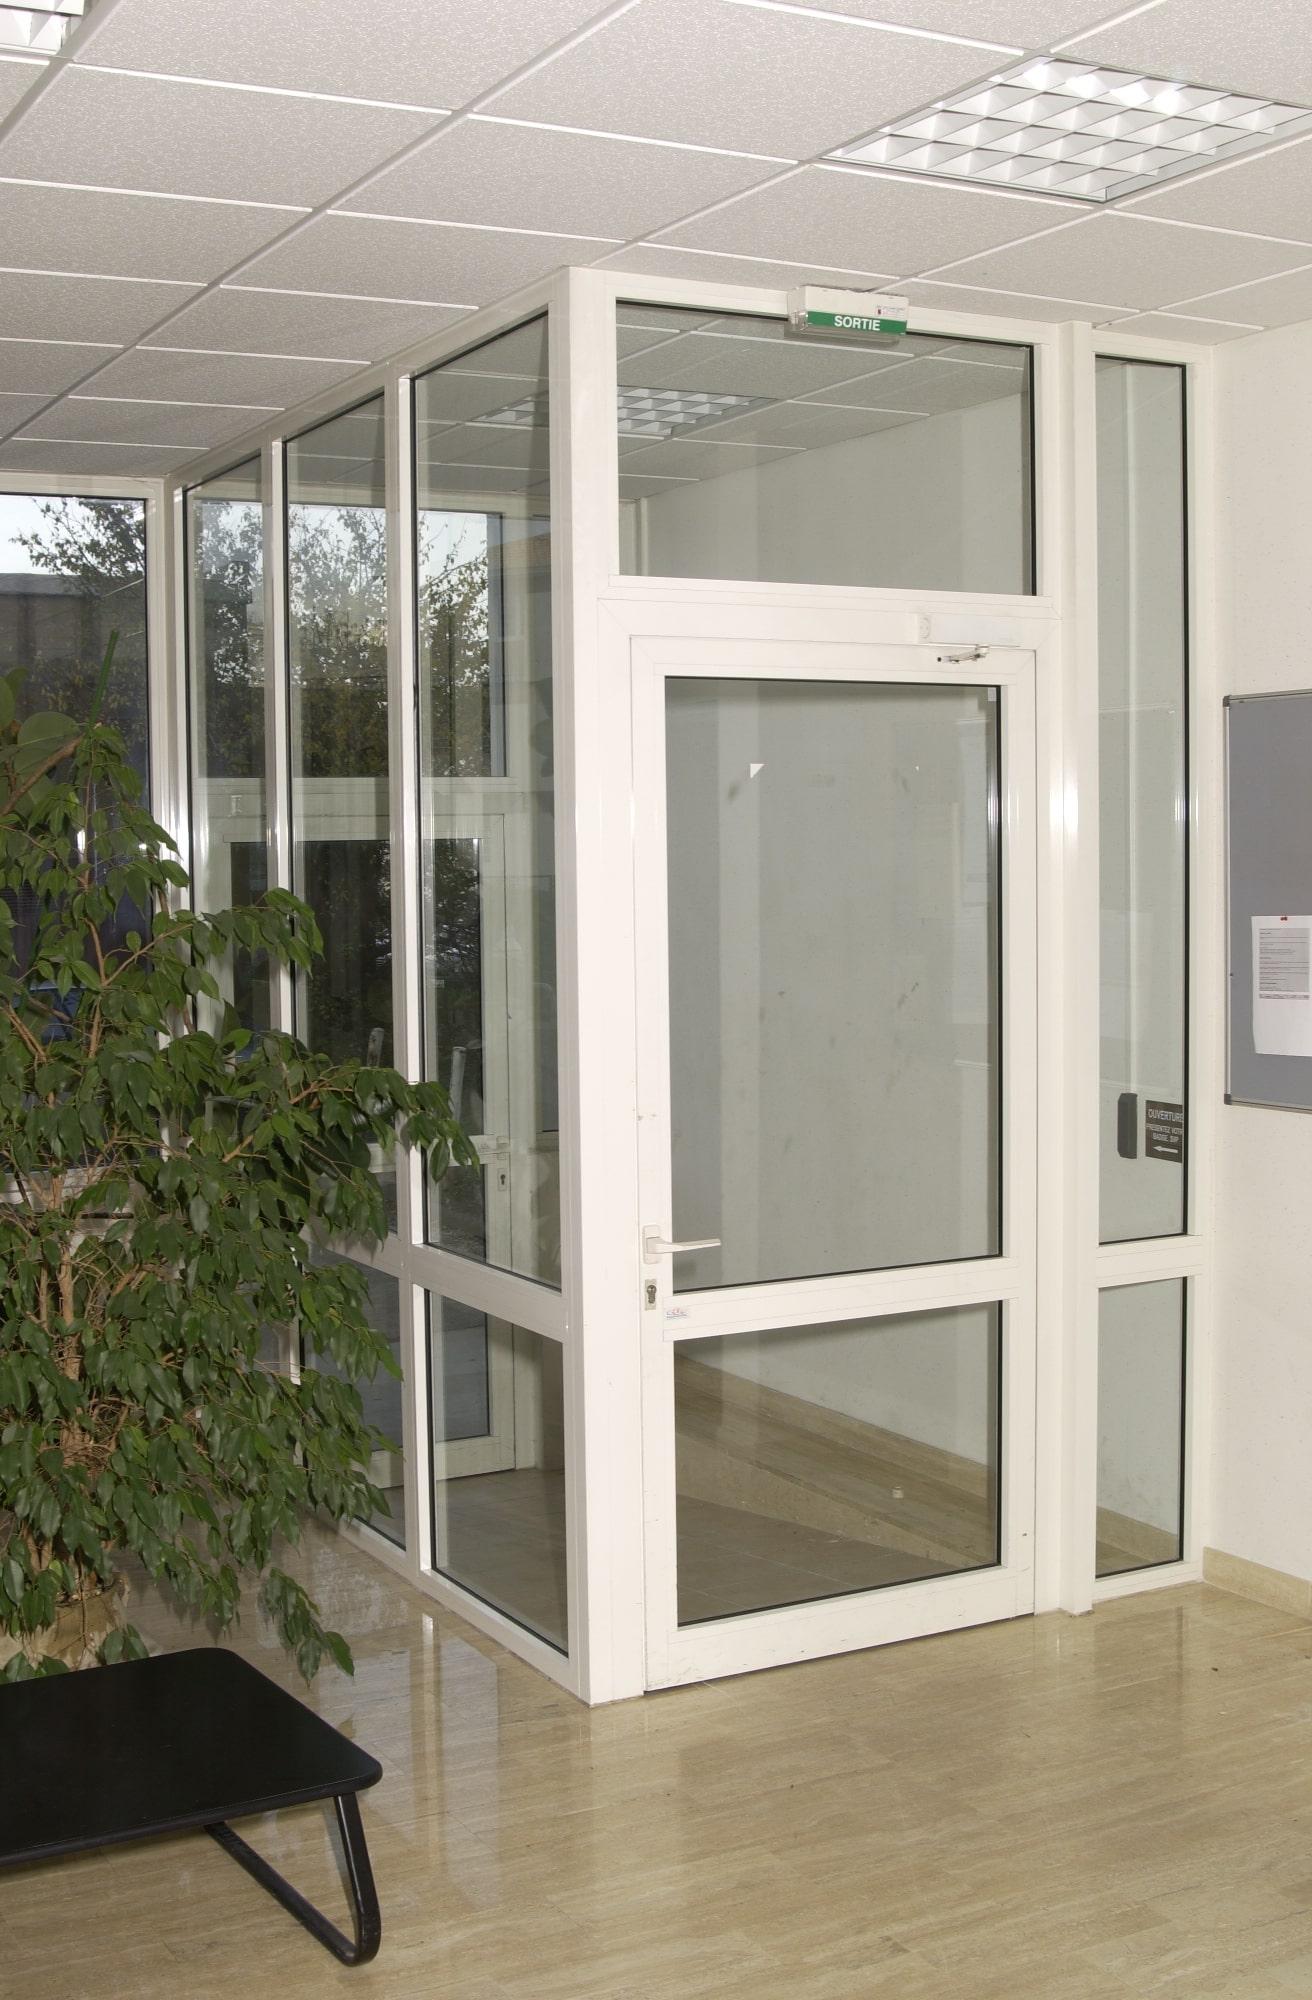 Sas D Entrée Interieur sas d'entrée aubagne - technic habitat